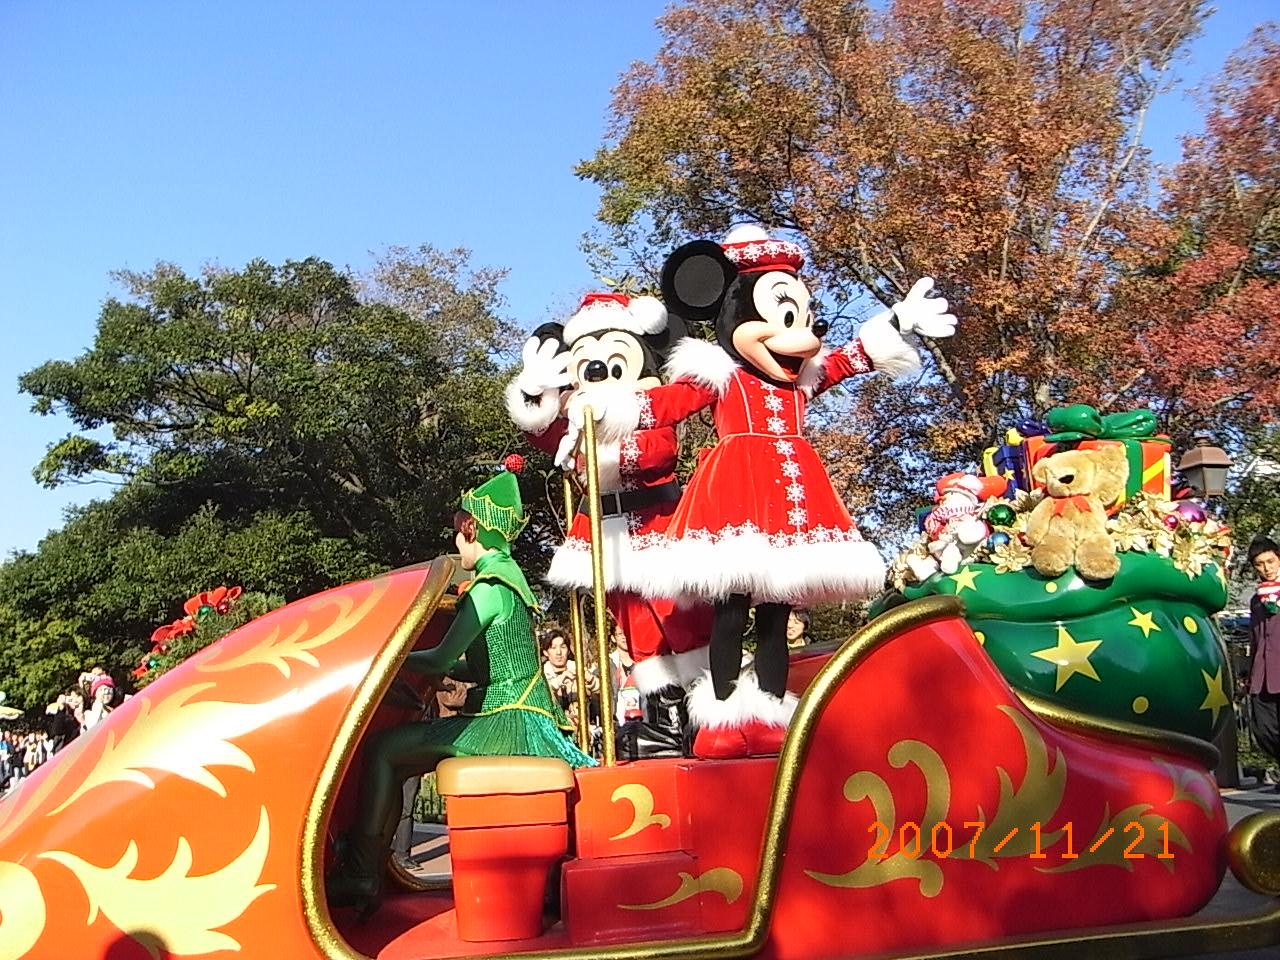 07年11月 東京ディズニーランド☆クリスマスファンタジーに行って来